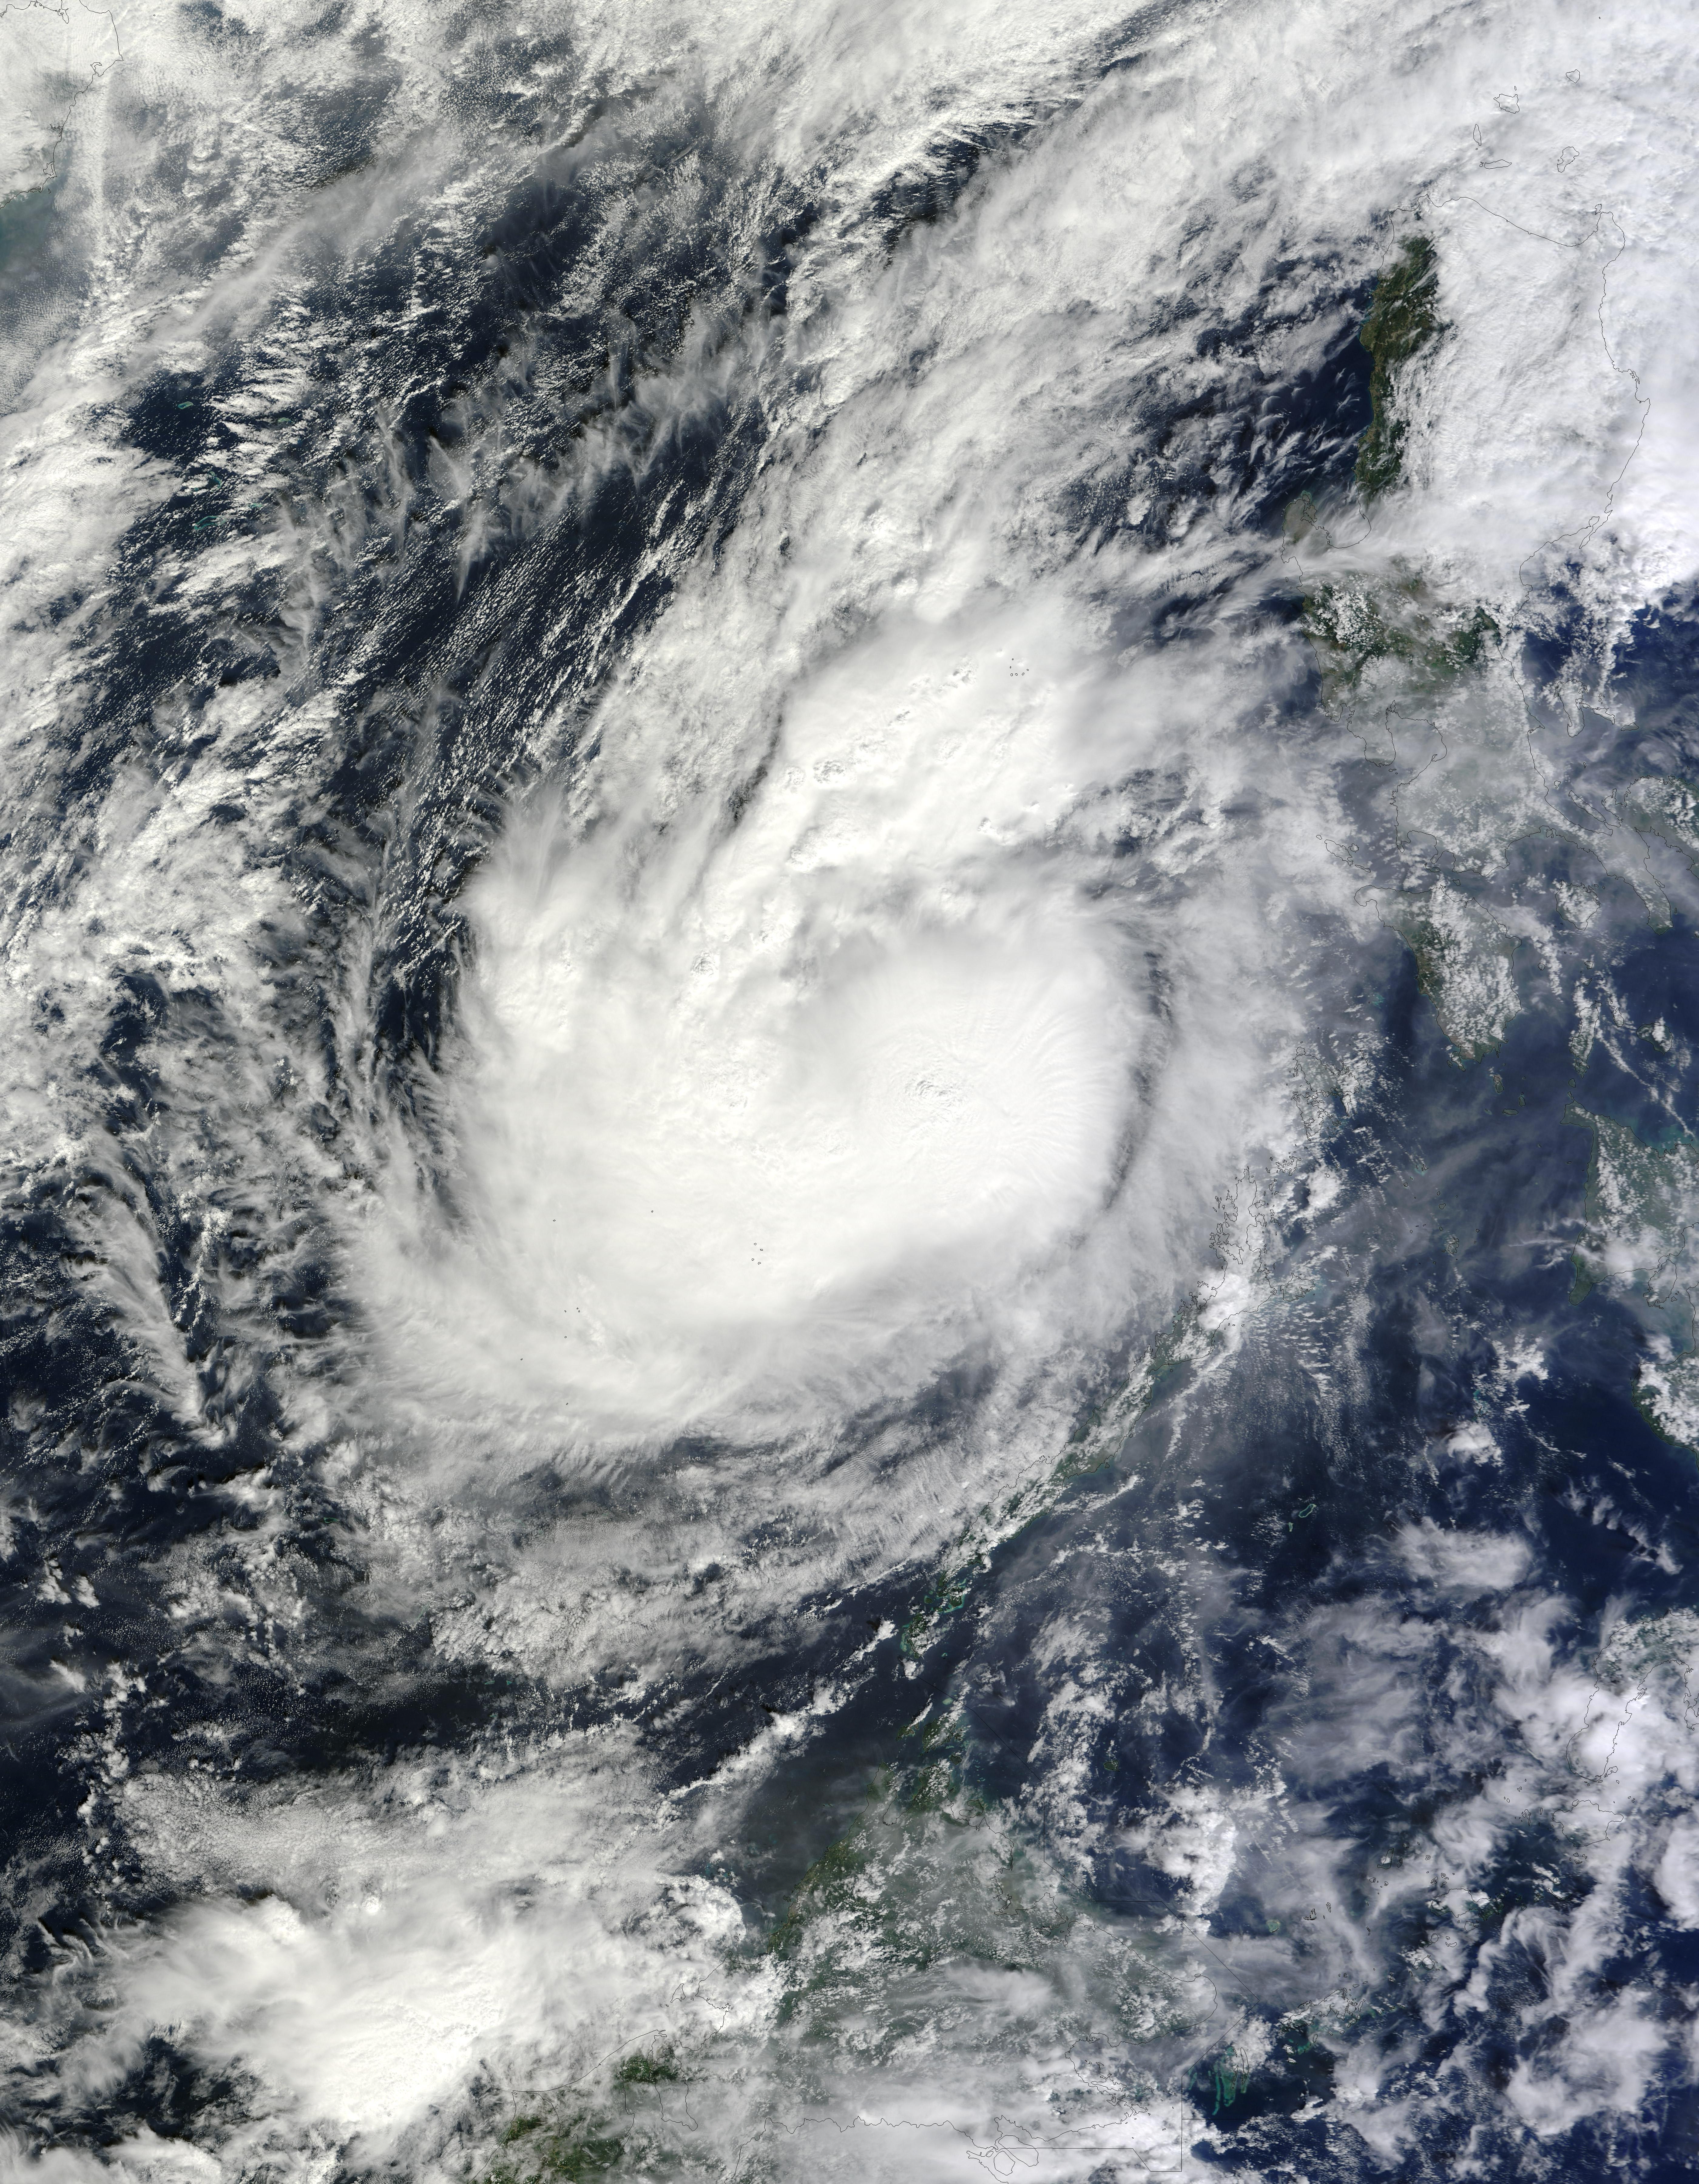 NASA Visible Earth: Bopha over the South China Sea